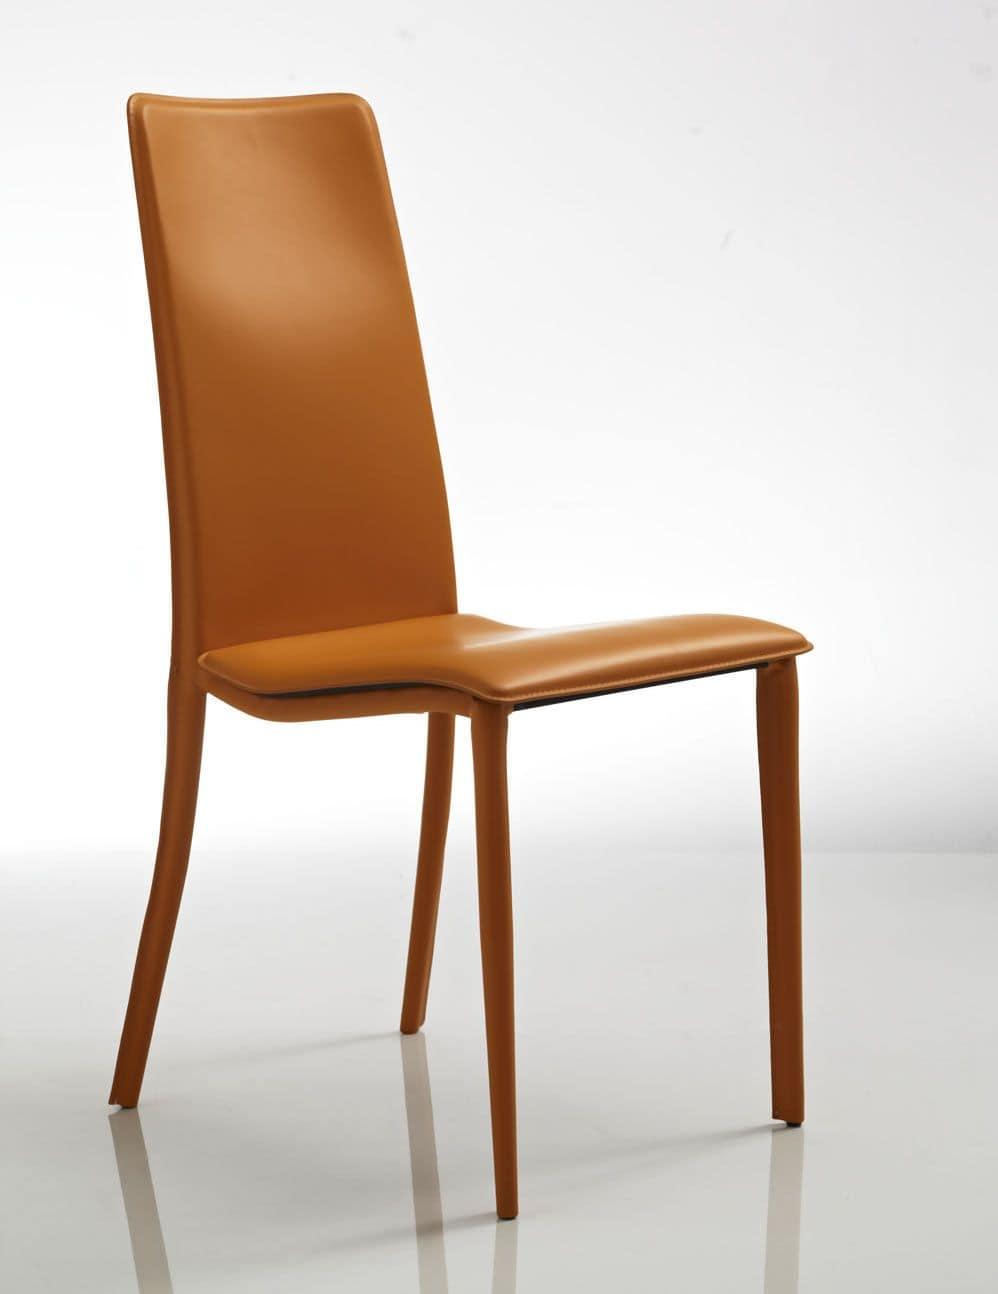 Bequemen Stuhl in orange Leder, zum Restaurant und Hotel ...